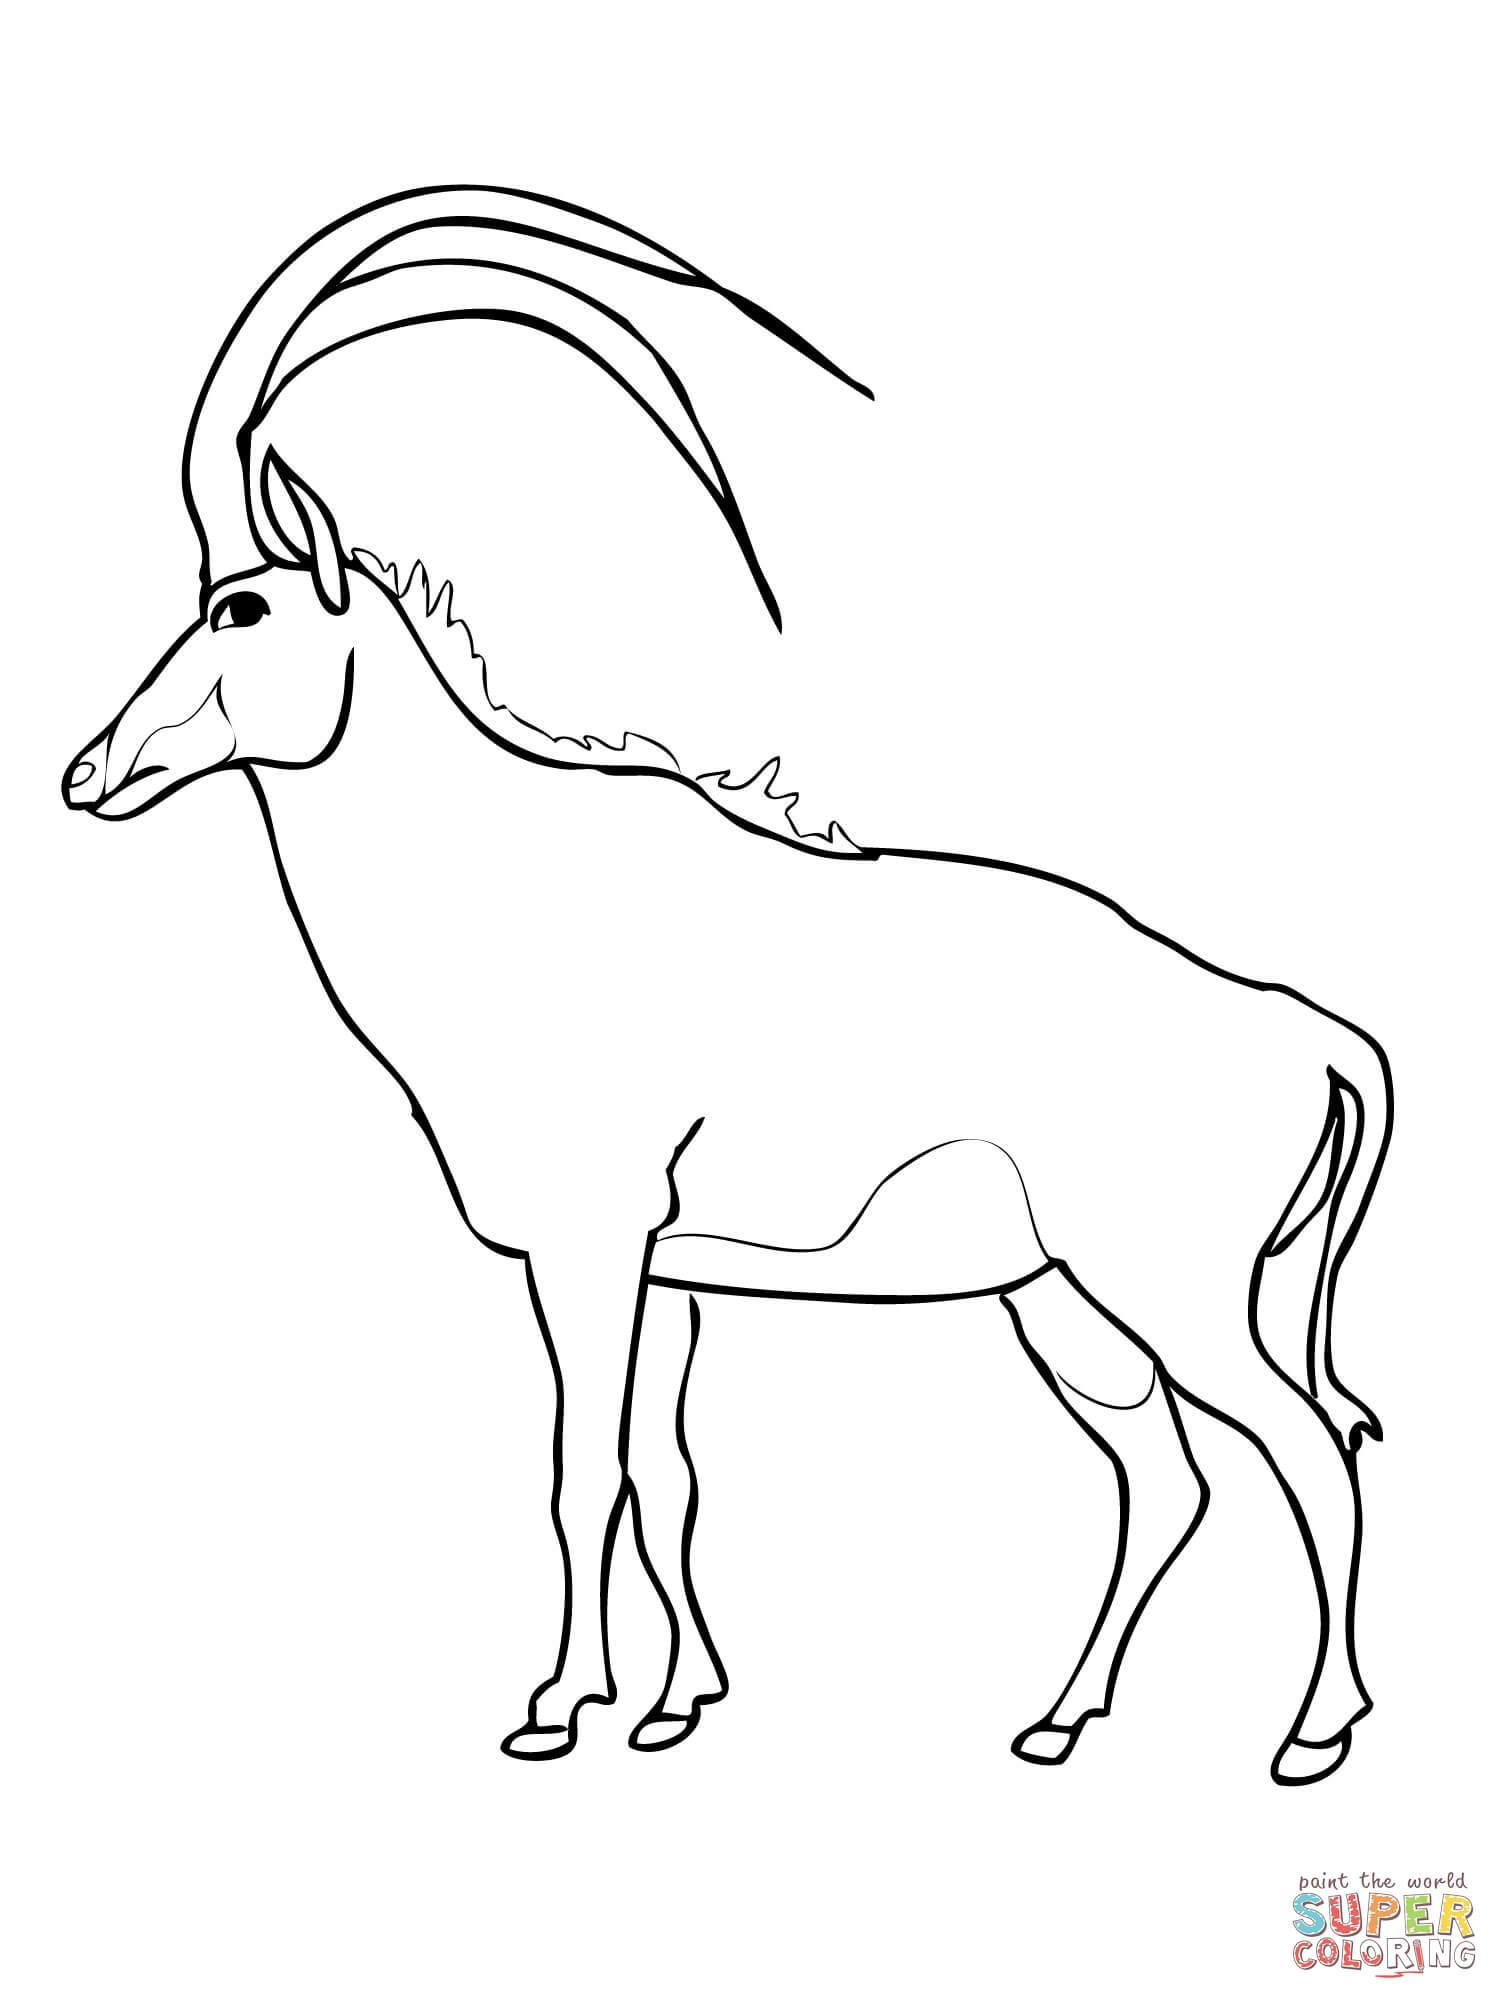 Gnu coloring #4, Download drawings